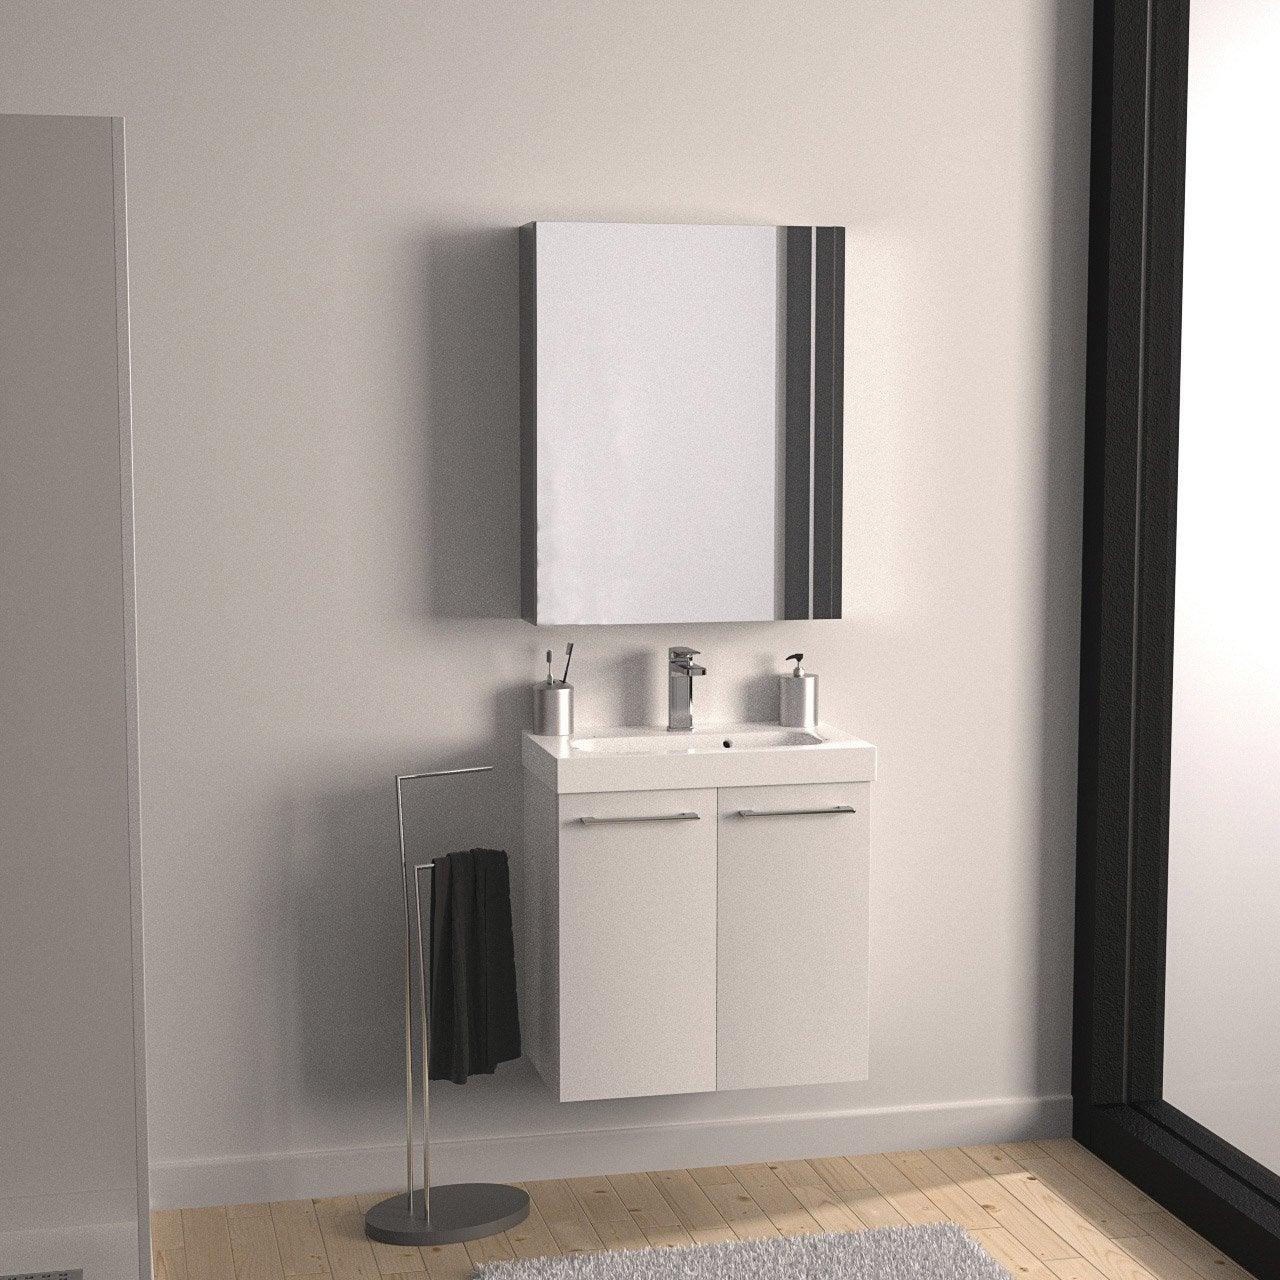 meuble de salle de bains remix blanc blanc n 0 2 portes leroy merlin. Black Bedroom Furniture Sets. Home Design Ideas